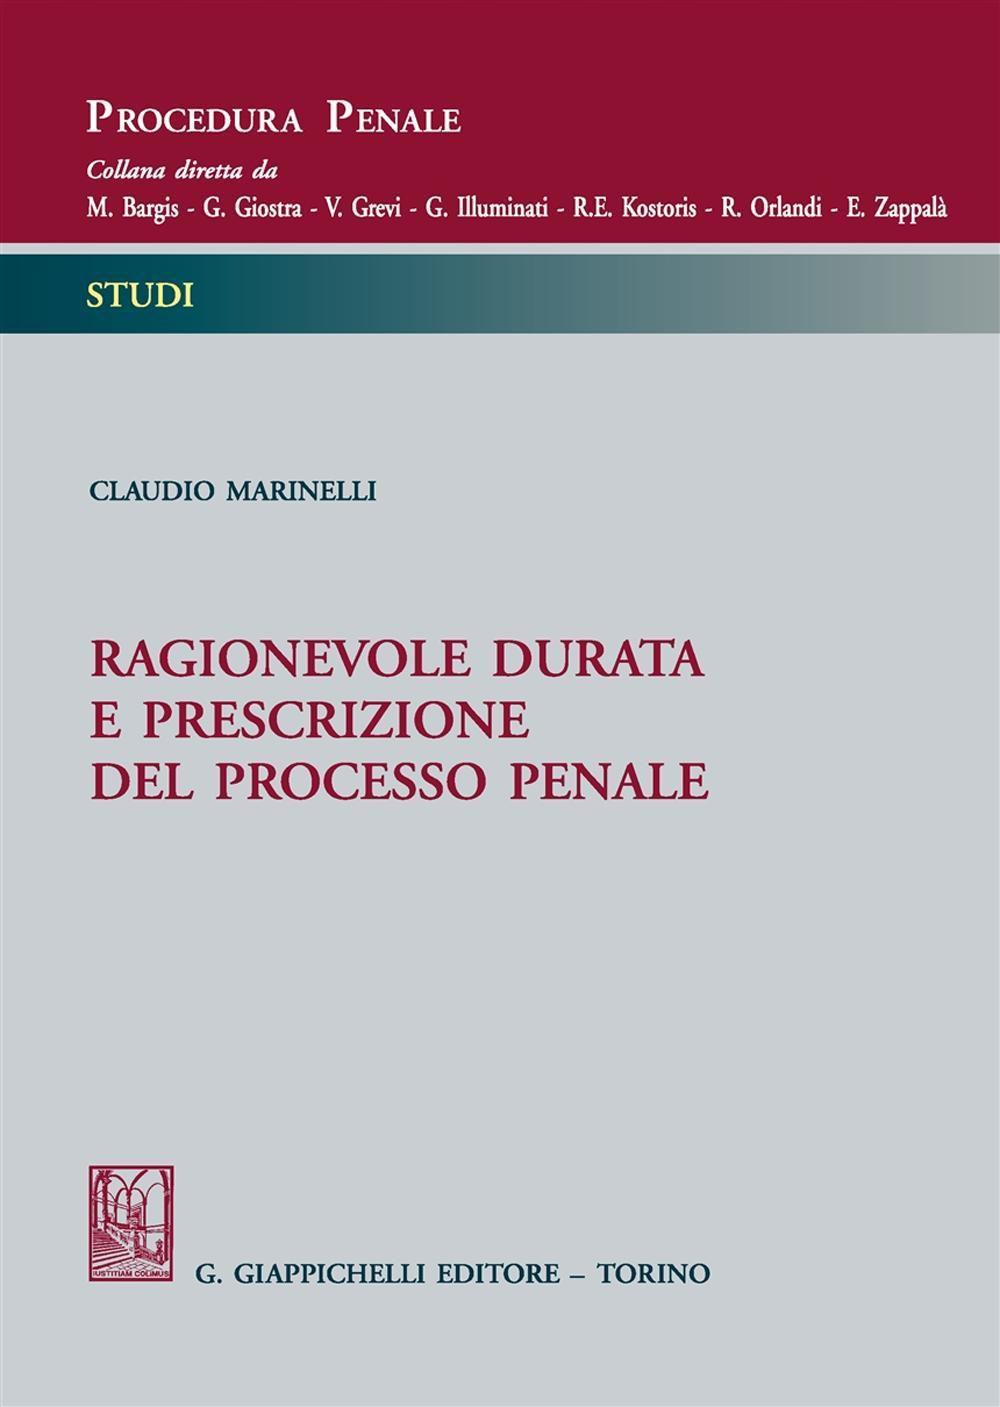 Ragionevole durata e prescrizione del processo penale. Claudio Marinelli